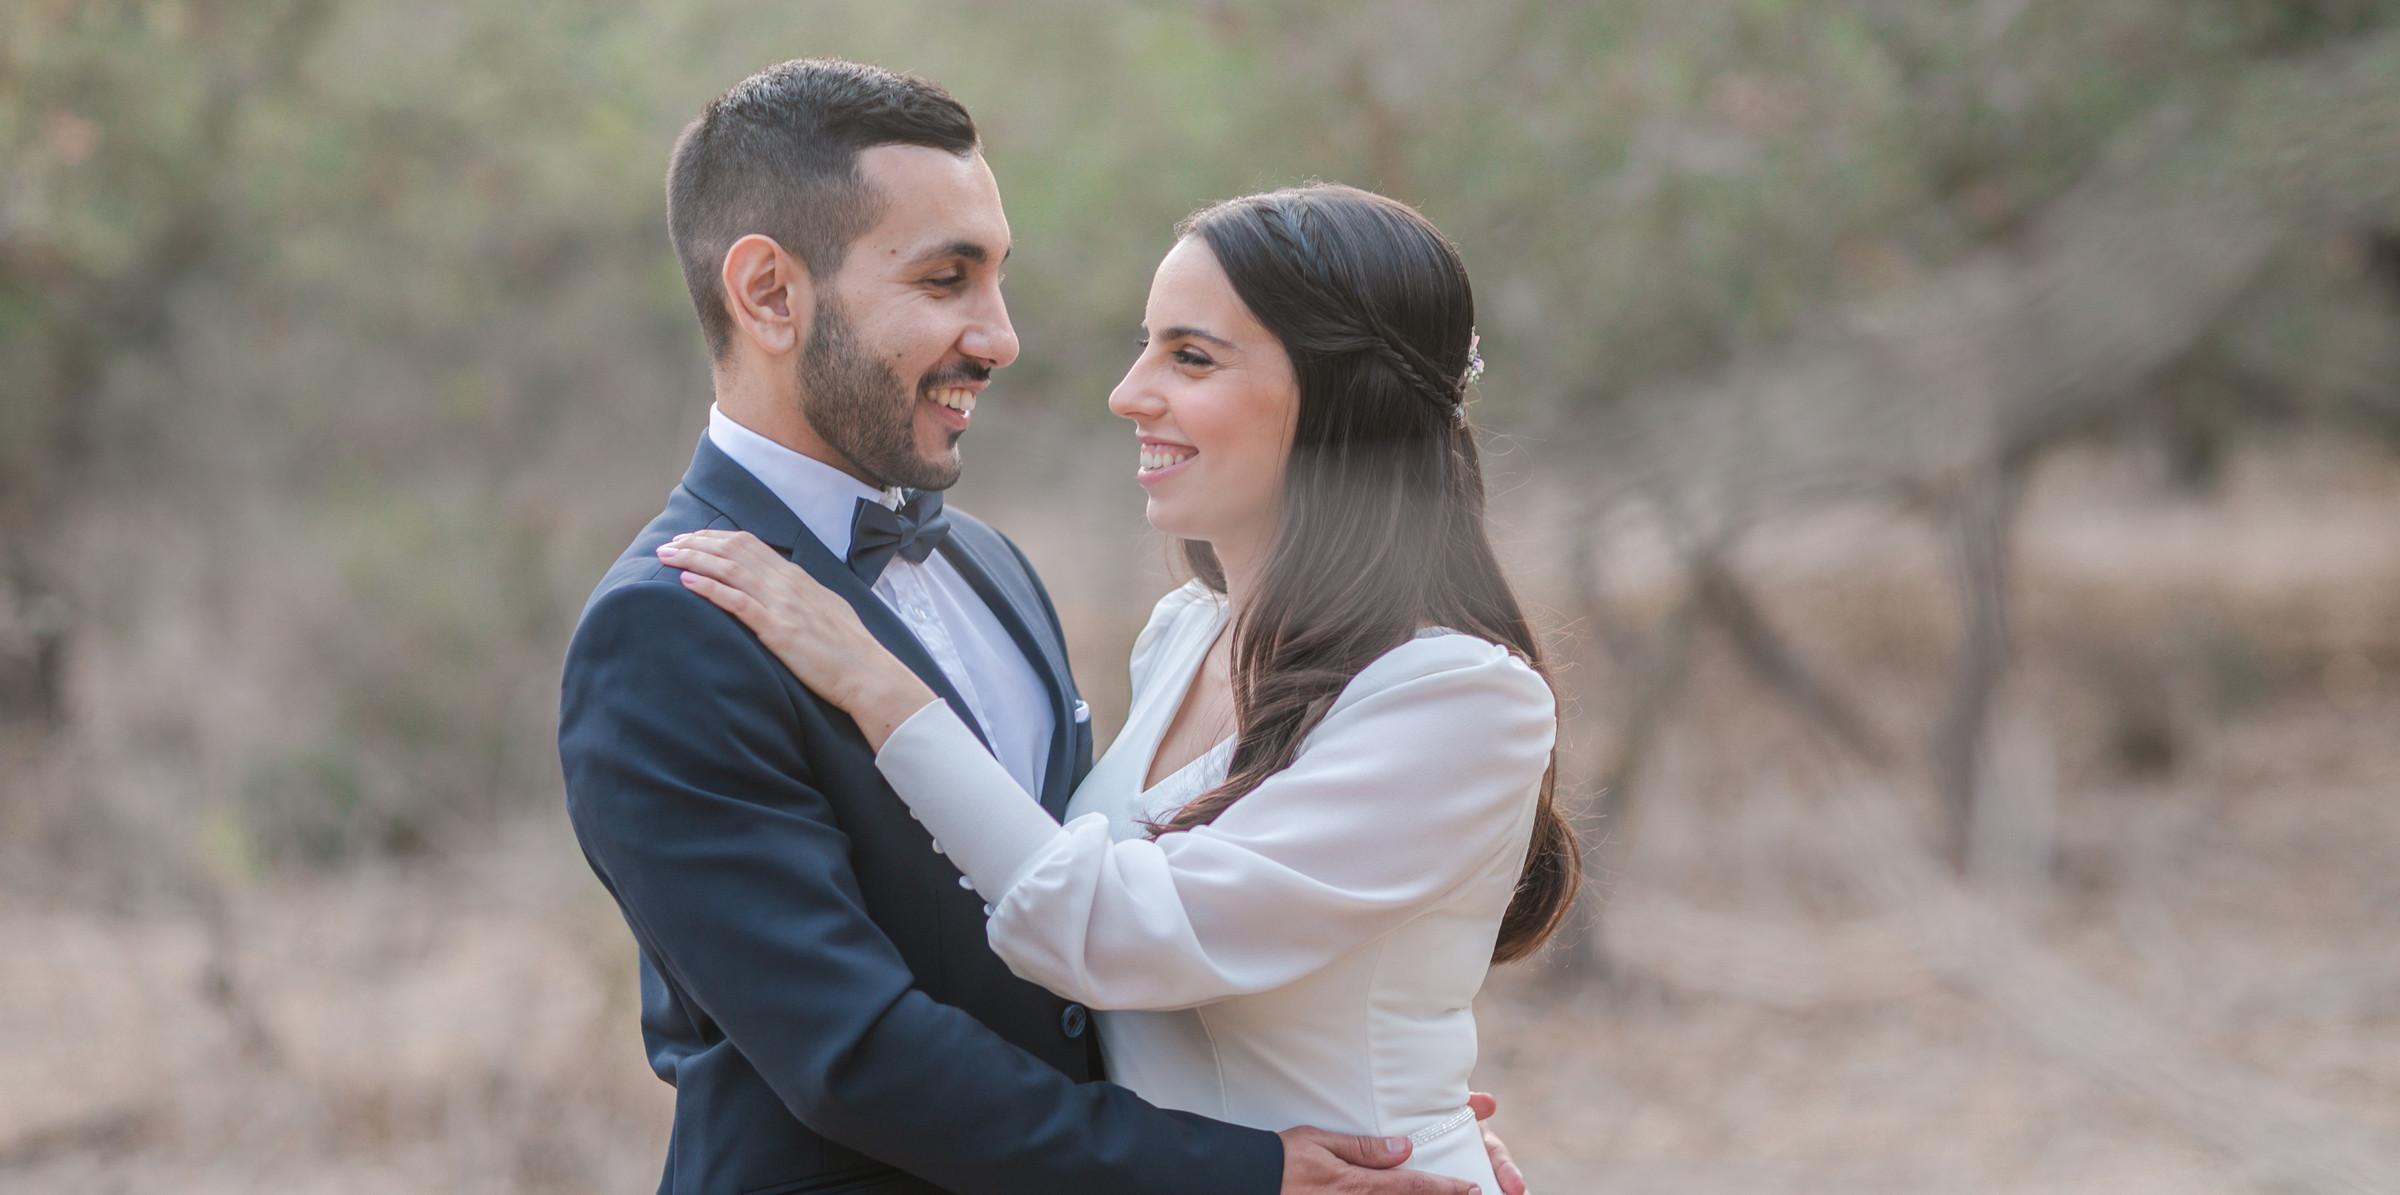 החתונה של חן וכפיר 23.10.2019 חוץ (84 of